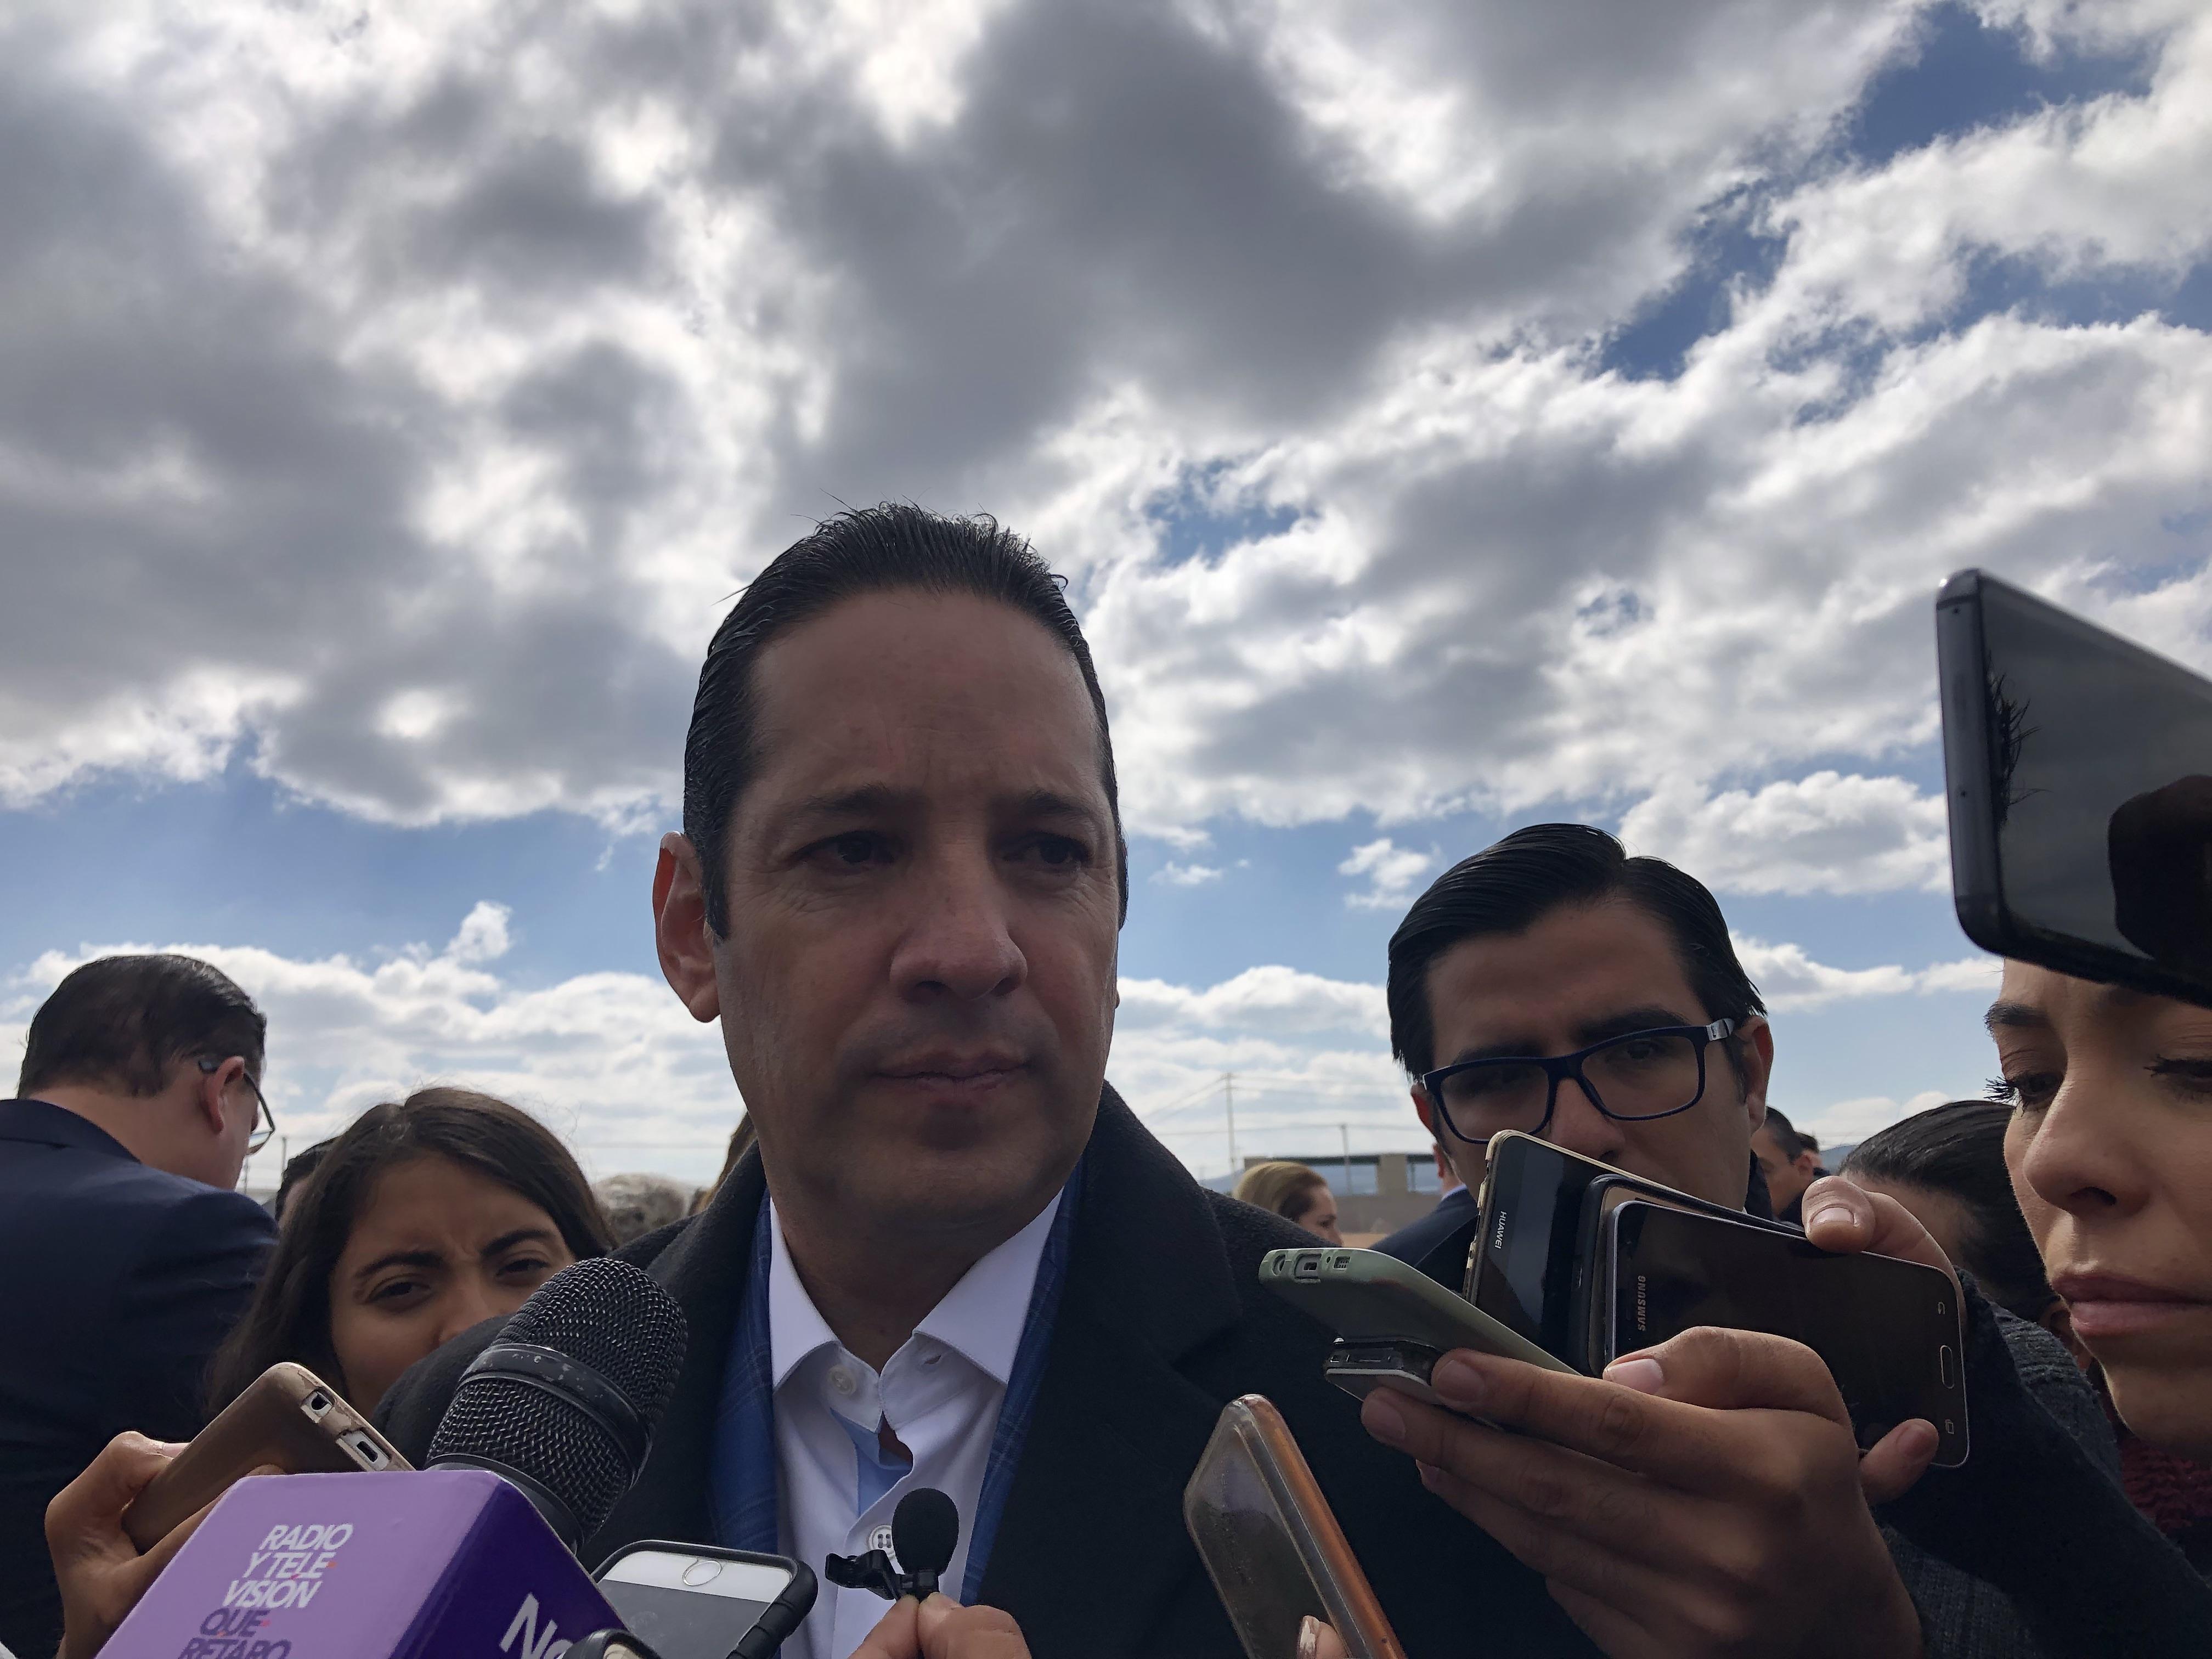 Alcaldes deben respetar a ciudadanos, dice Pancho Domínguez